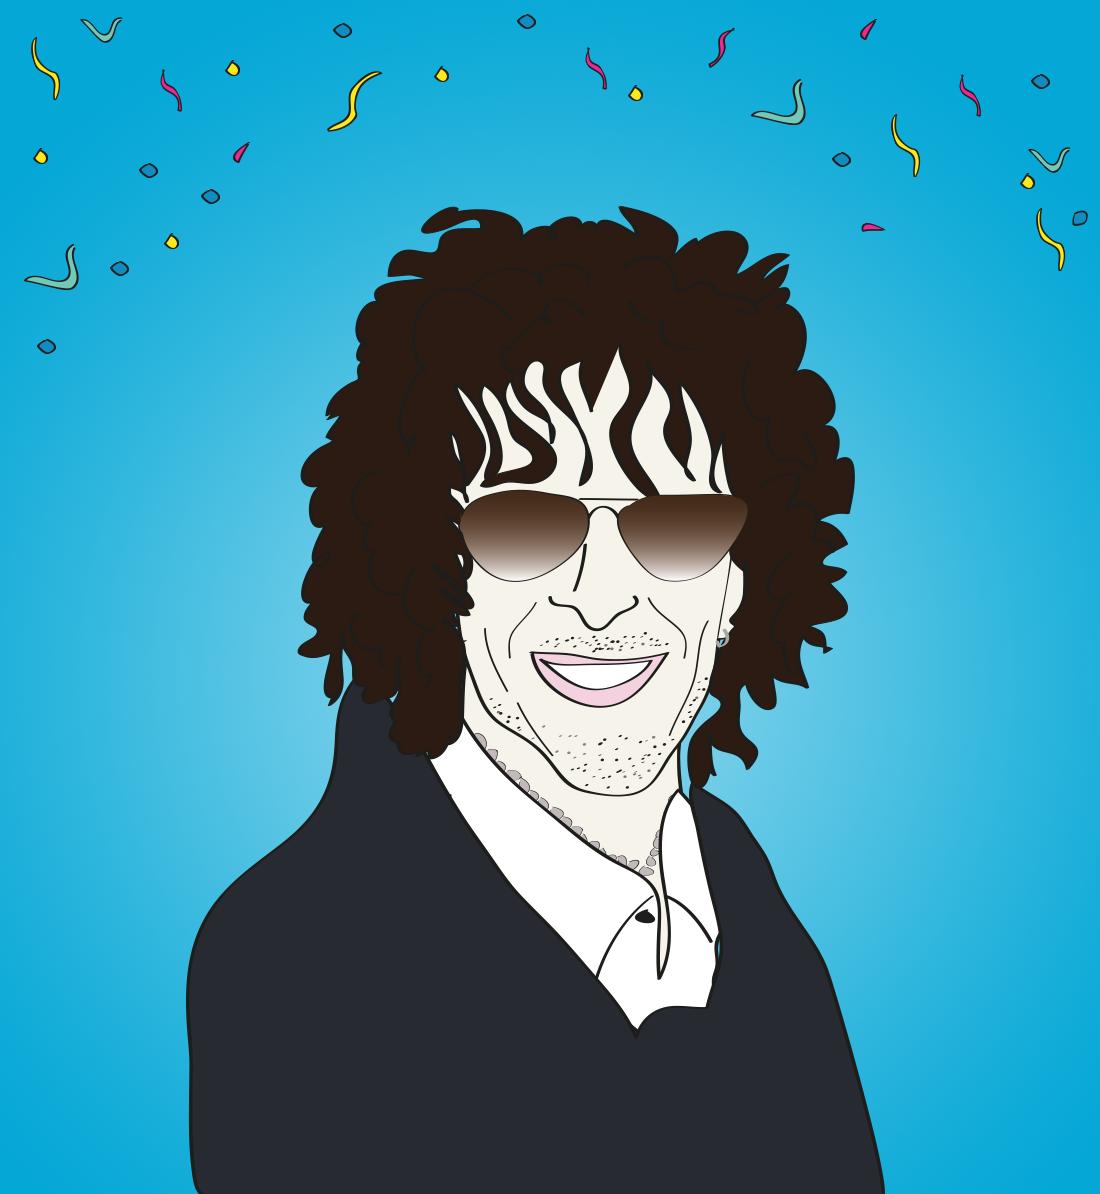 Happy birthday Howard Stern illustration